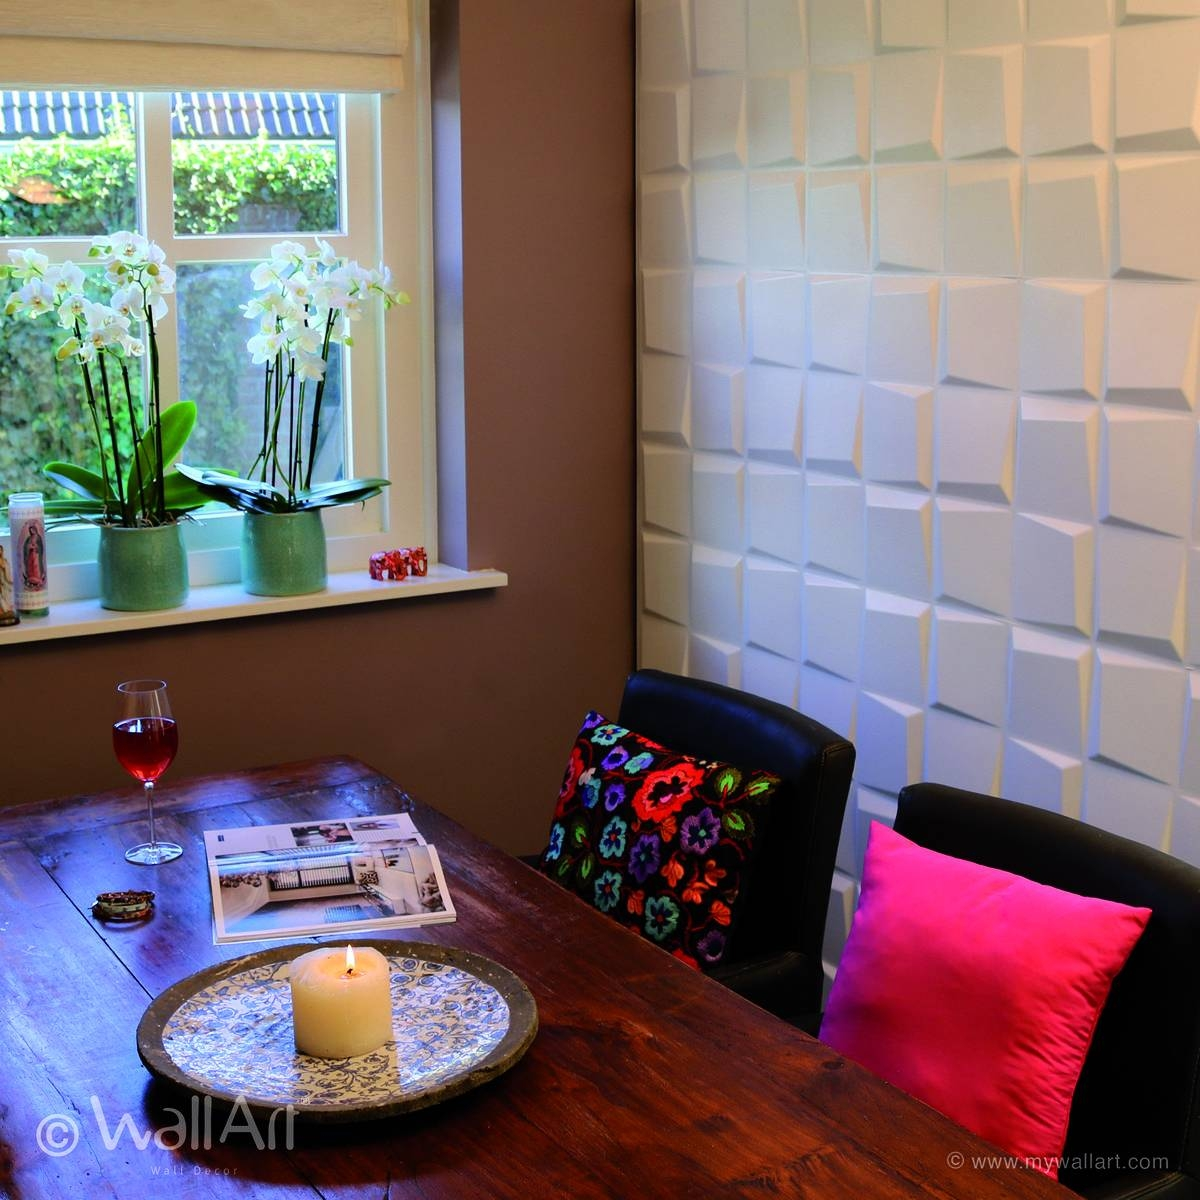 Oberon Design - Decorative 3D Wall Panelswalldecor3D regarding Newest 3D Wall Panels Wall Art